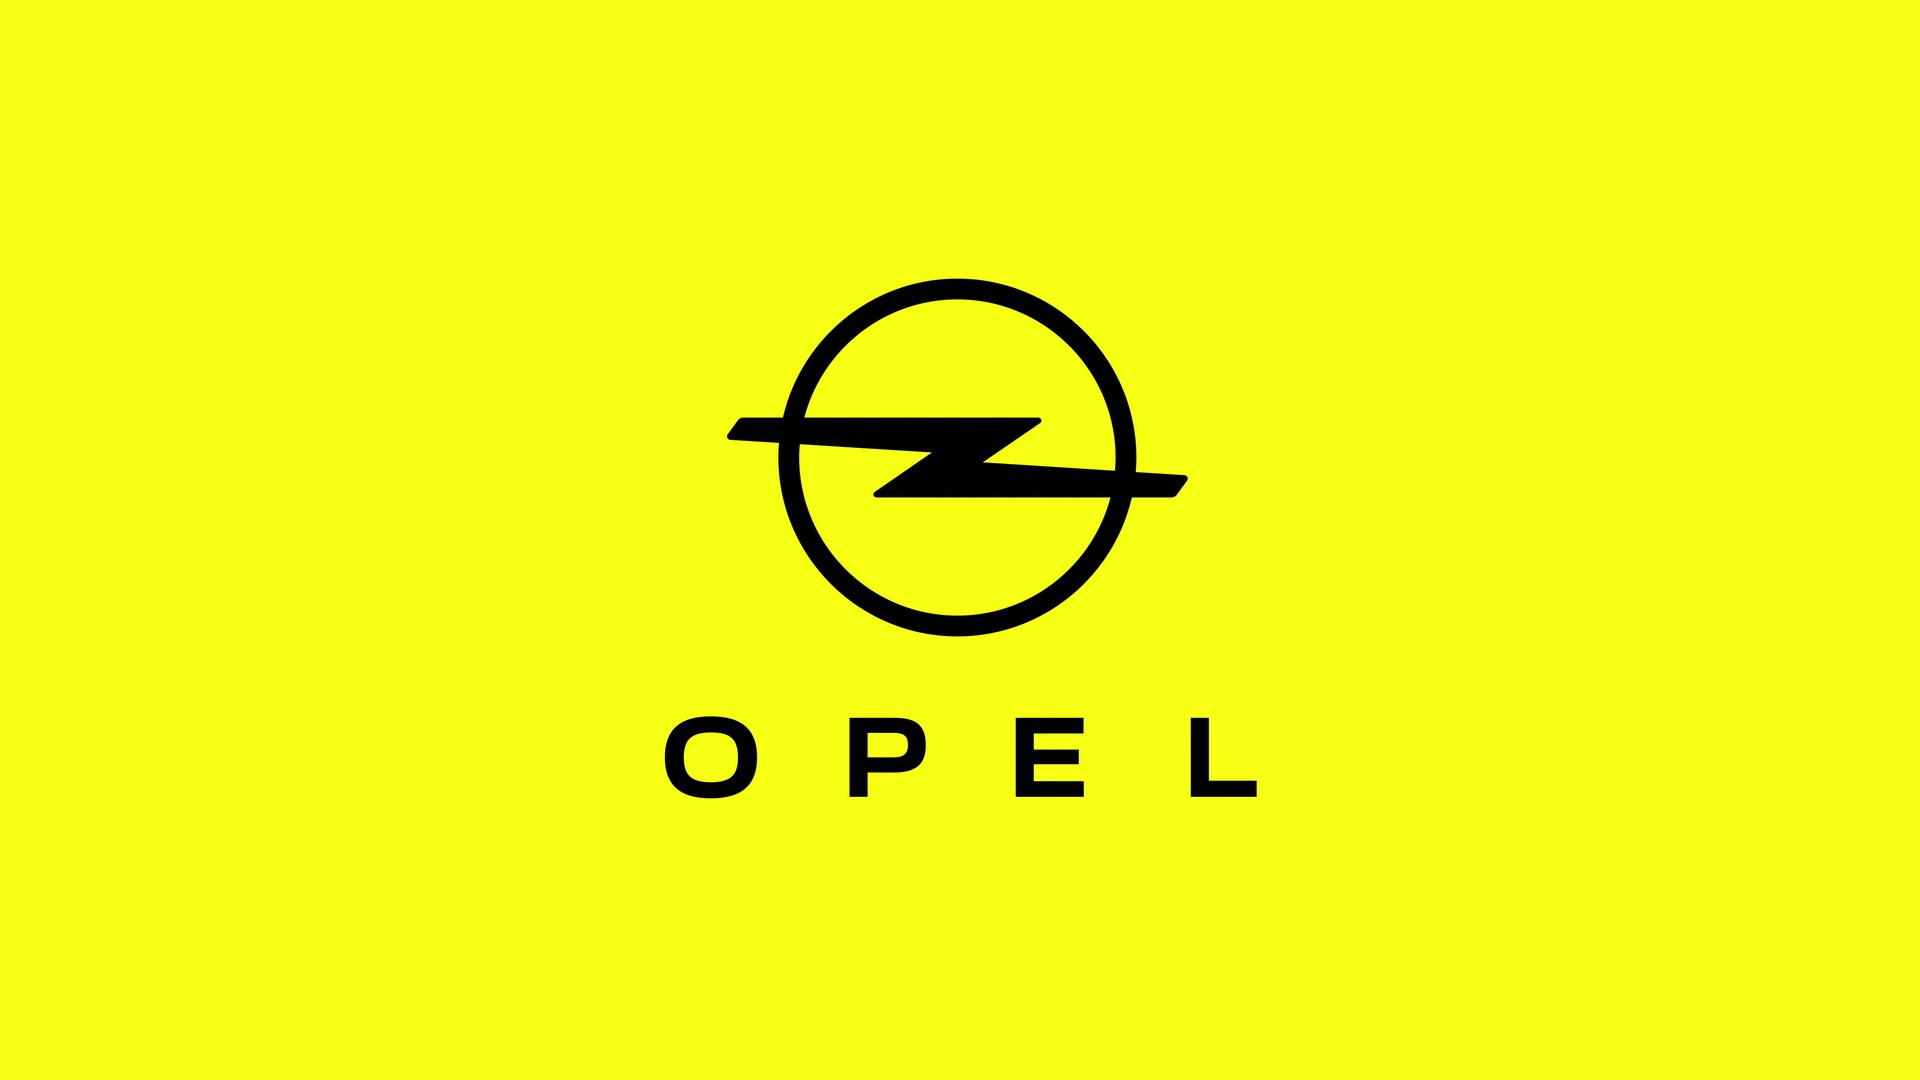 opel-unveils-new-blitz-logo-5